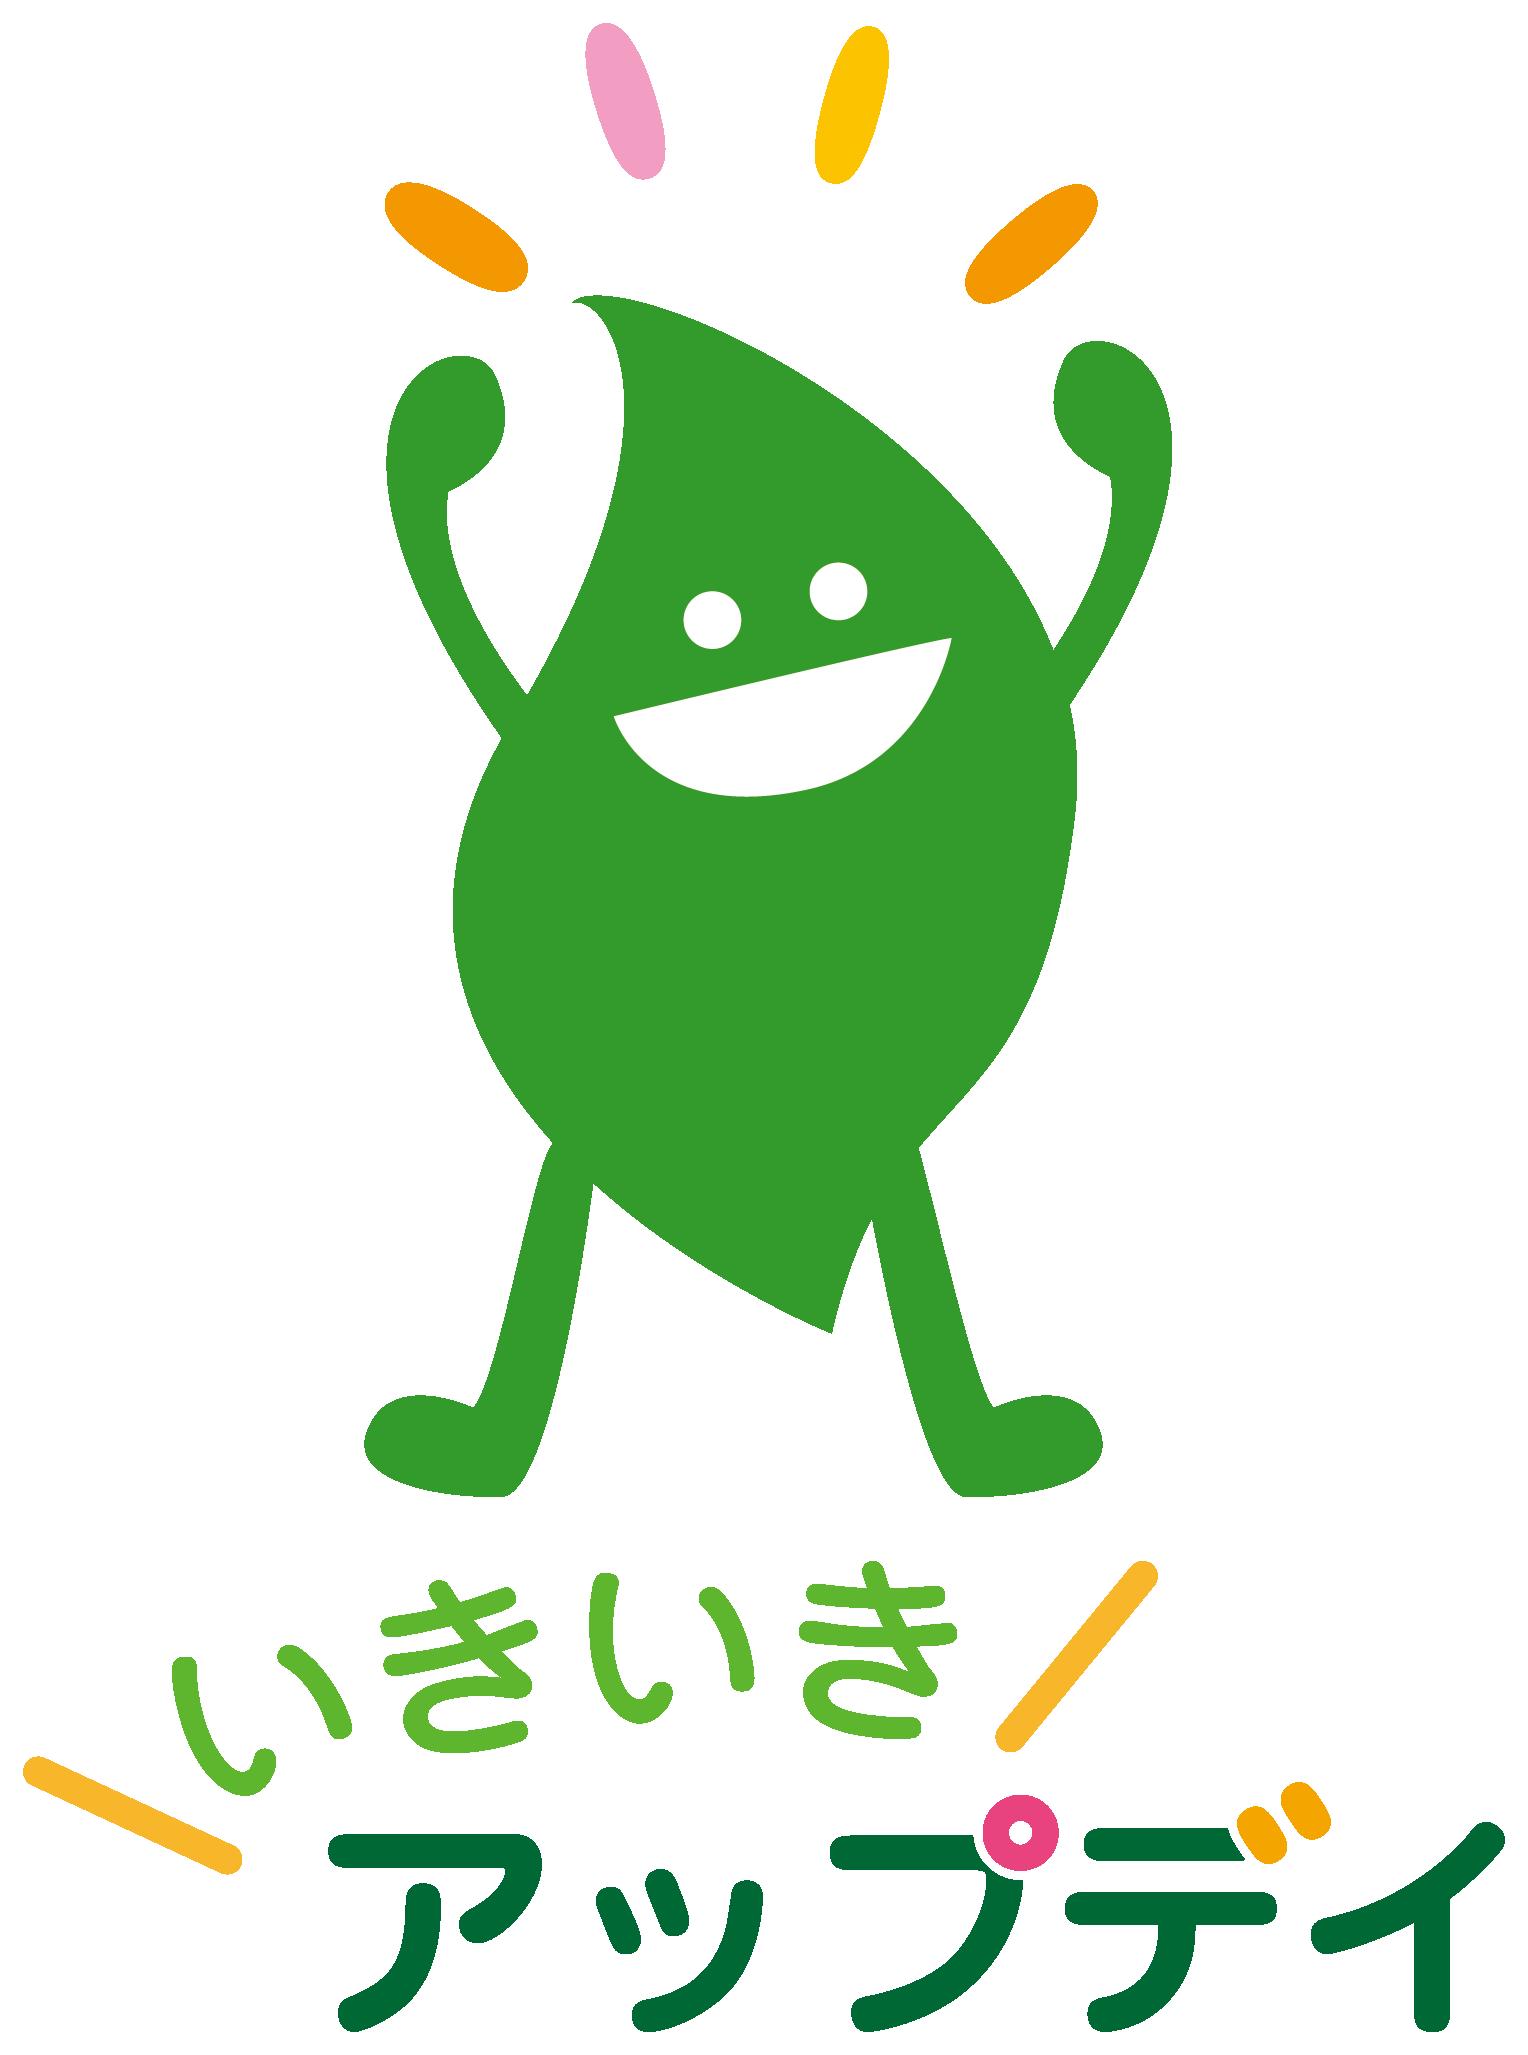 介護/福祉と親しみ/優しいとのロゴ